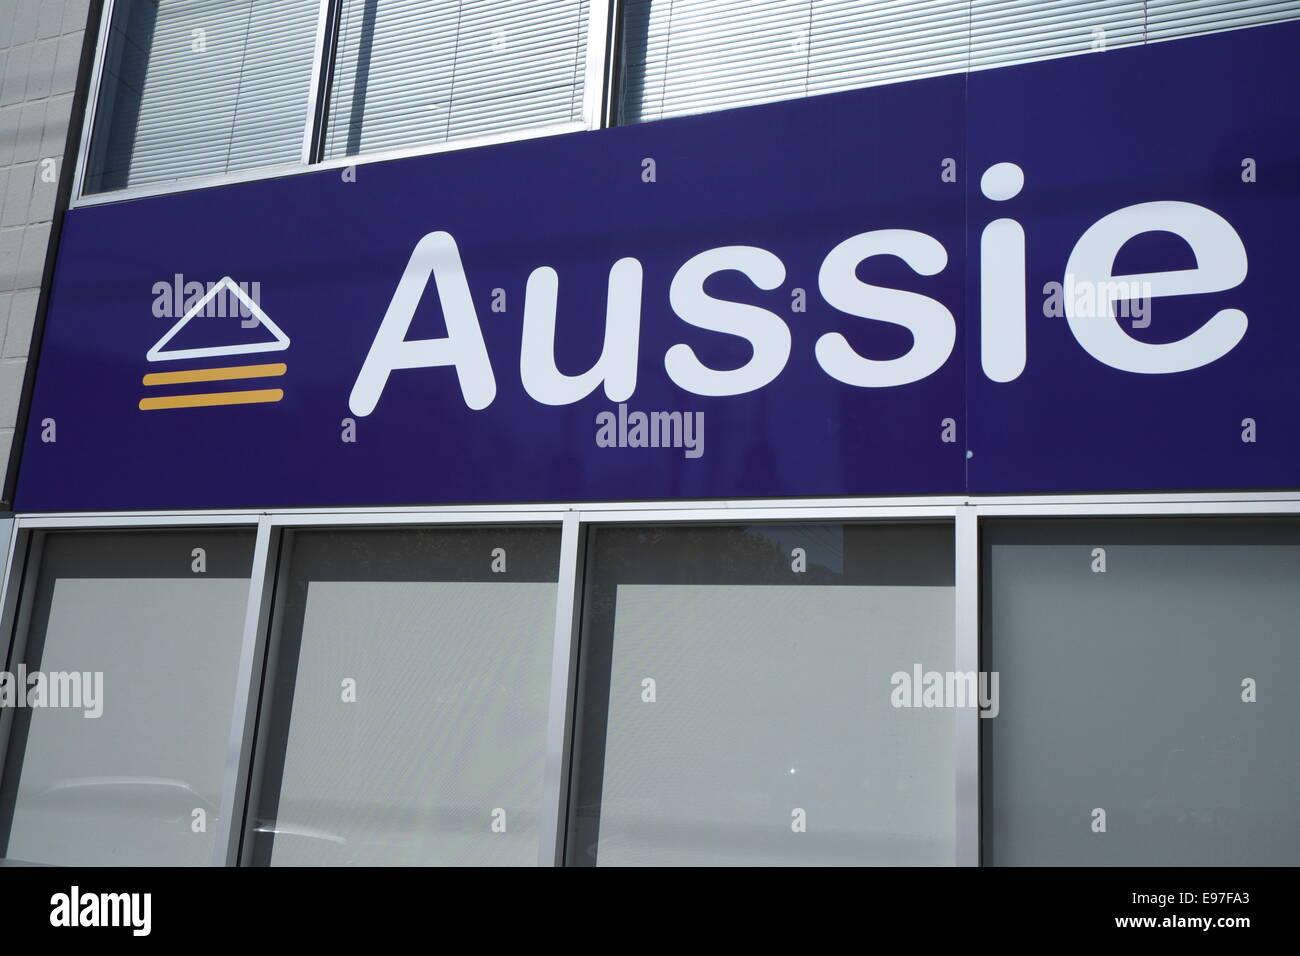 Aussie forex & finance sydney